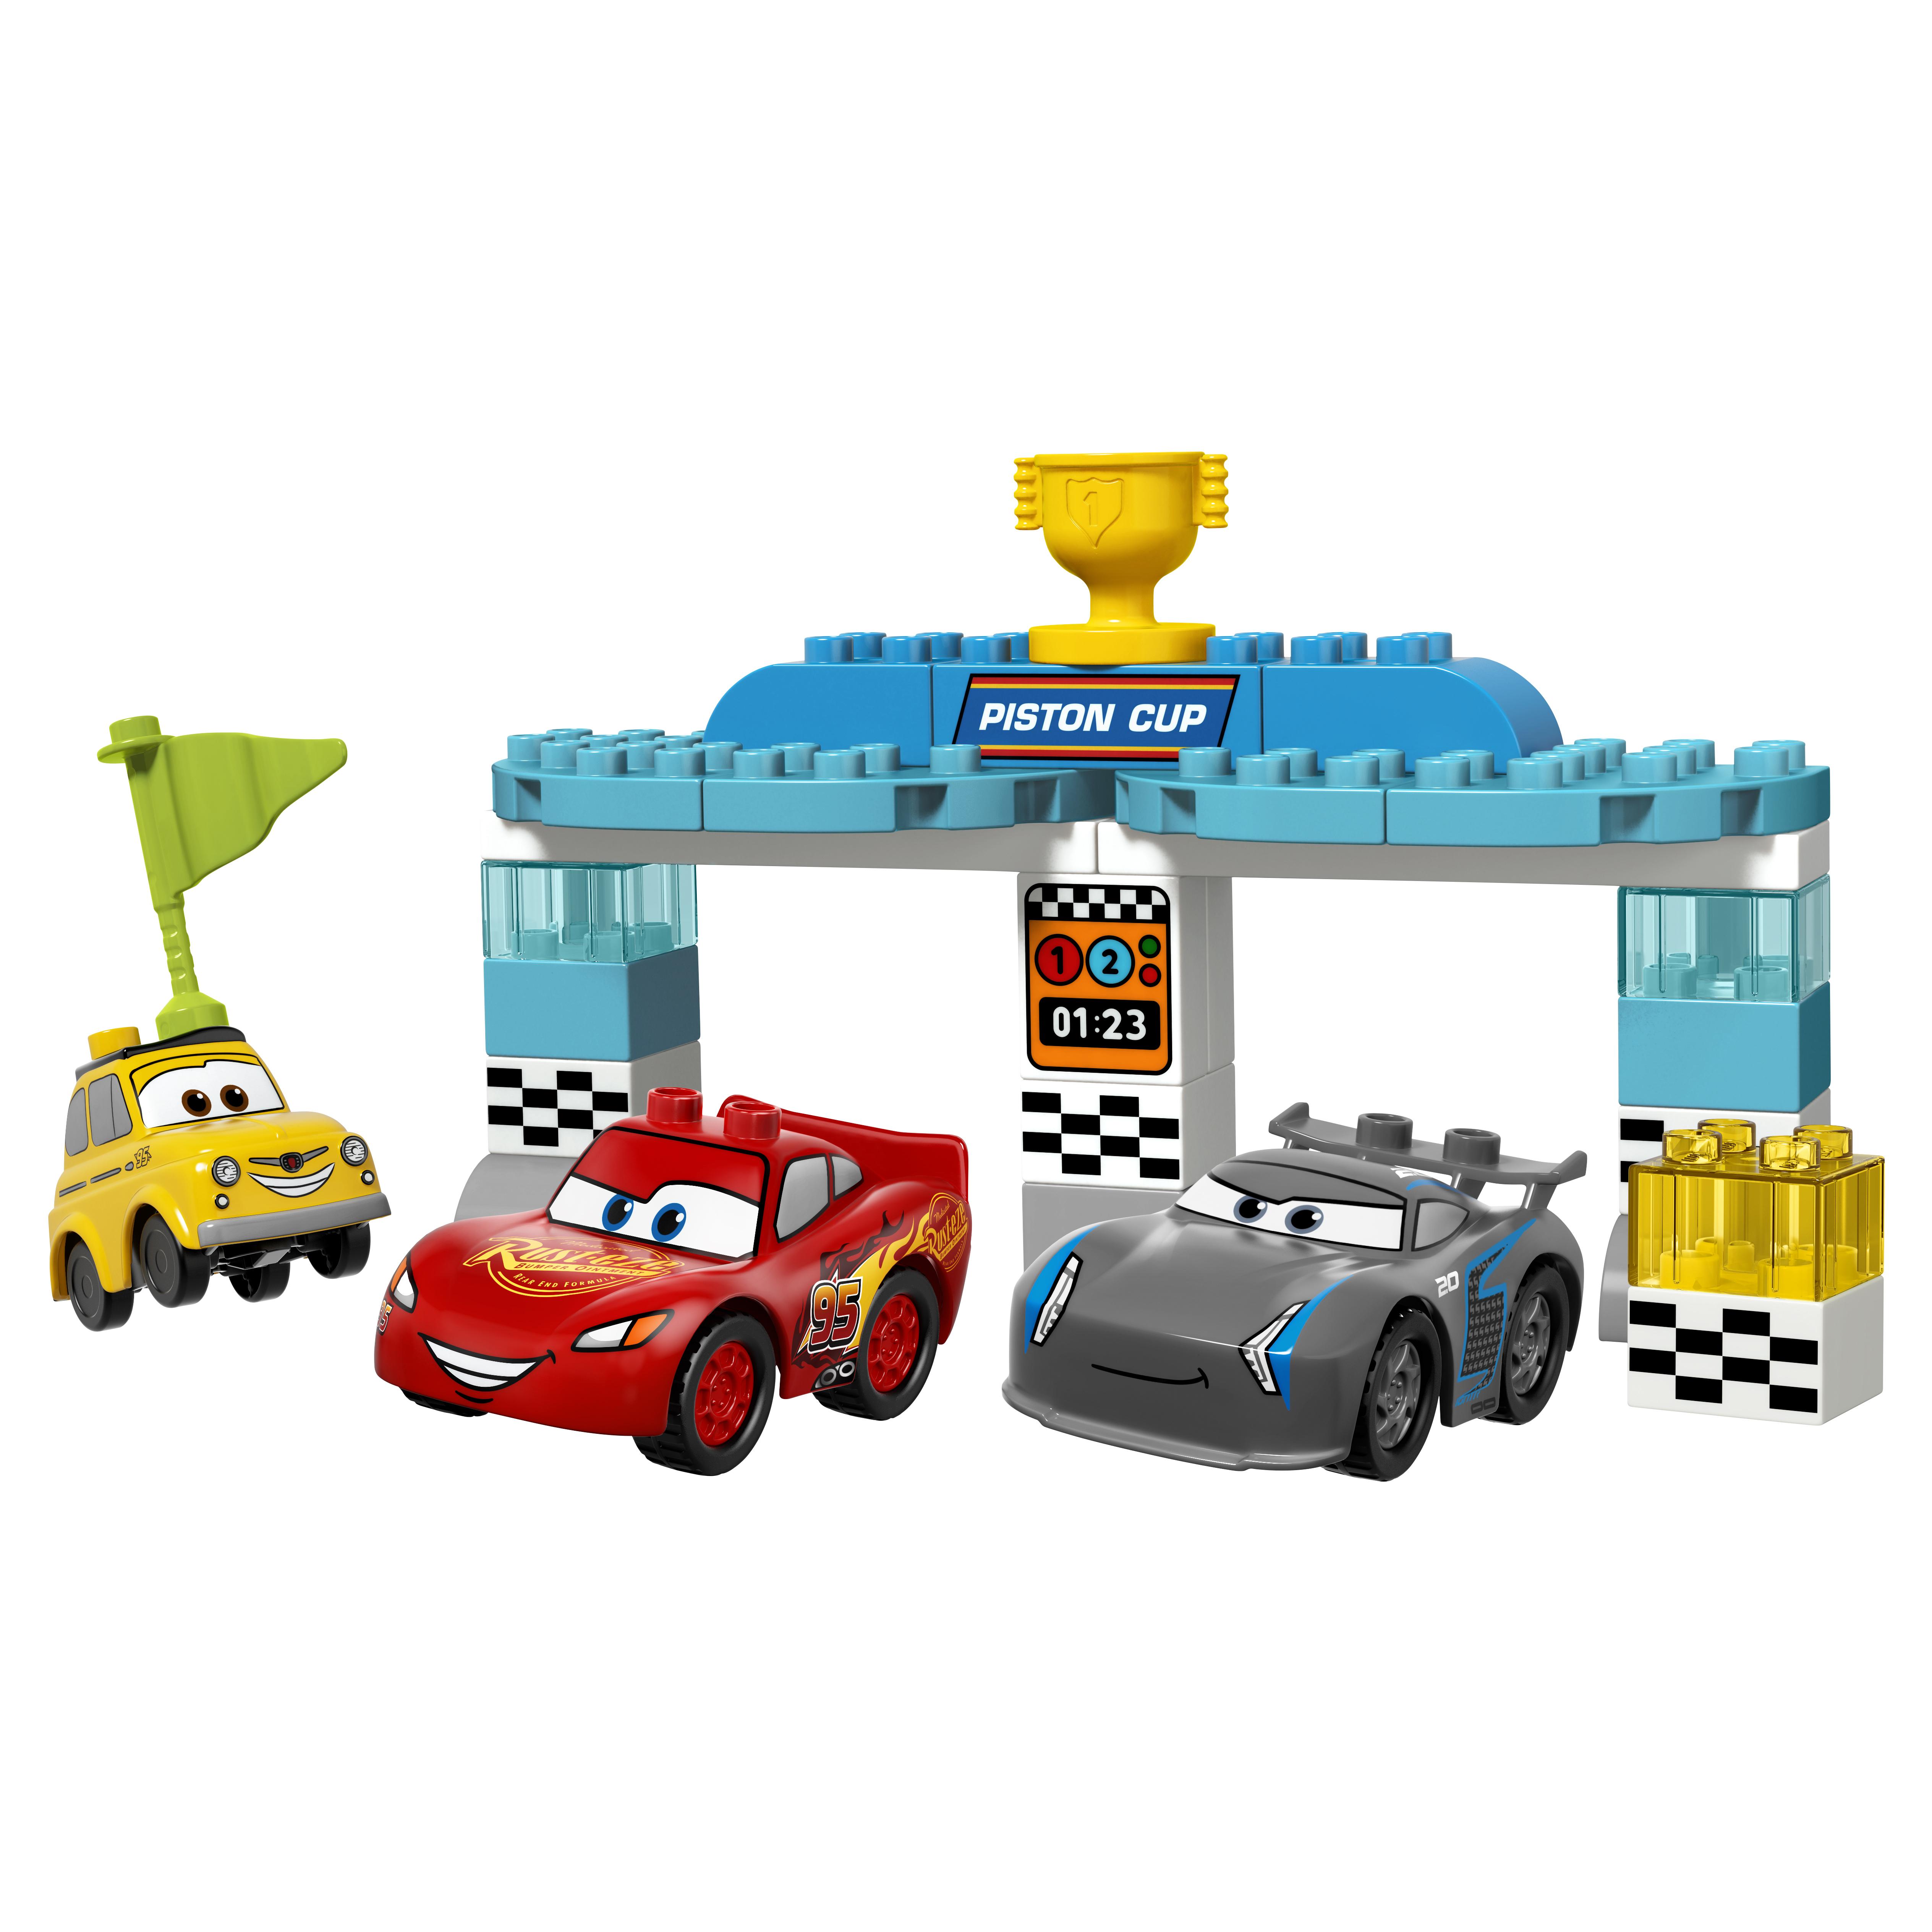 Купить Конструктор lego duplo cars гонка за кубок поршня (10857), Конструктор LEGO Duplo Cars Гонка за Кубок Поршня (10857)